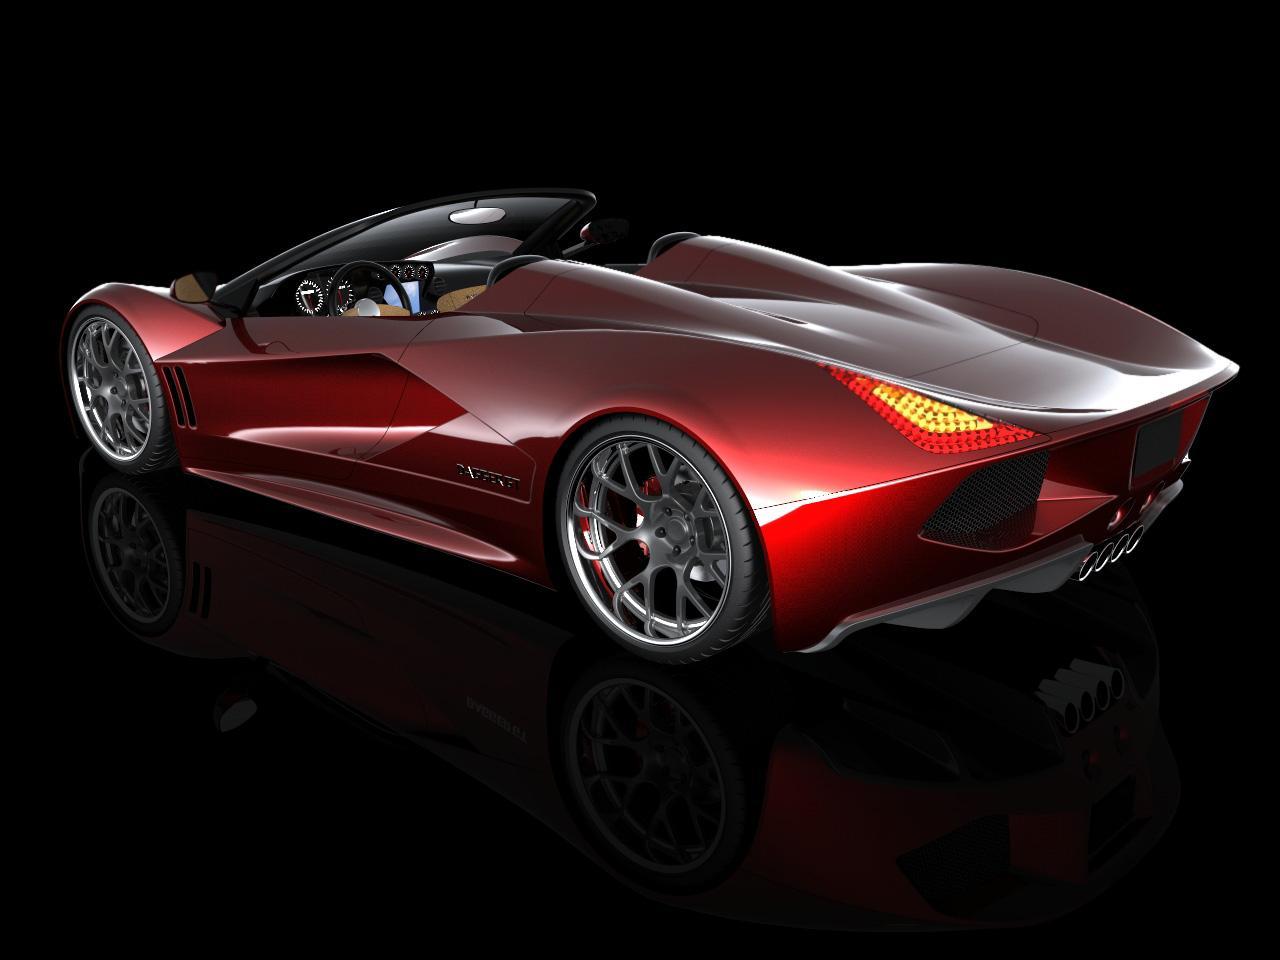 la dagger gt humilie la nouvelle bugatti veyron super sport 2000 ch et 483 km h sur le papier. Black Bedroom Furniture Sets. Home Design Ideas